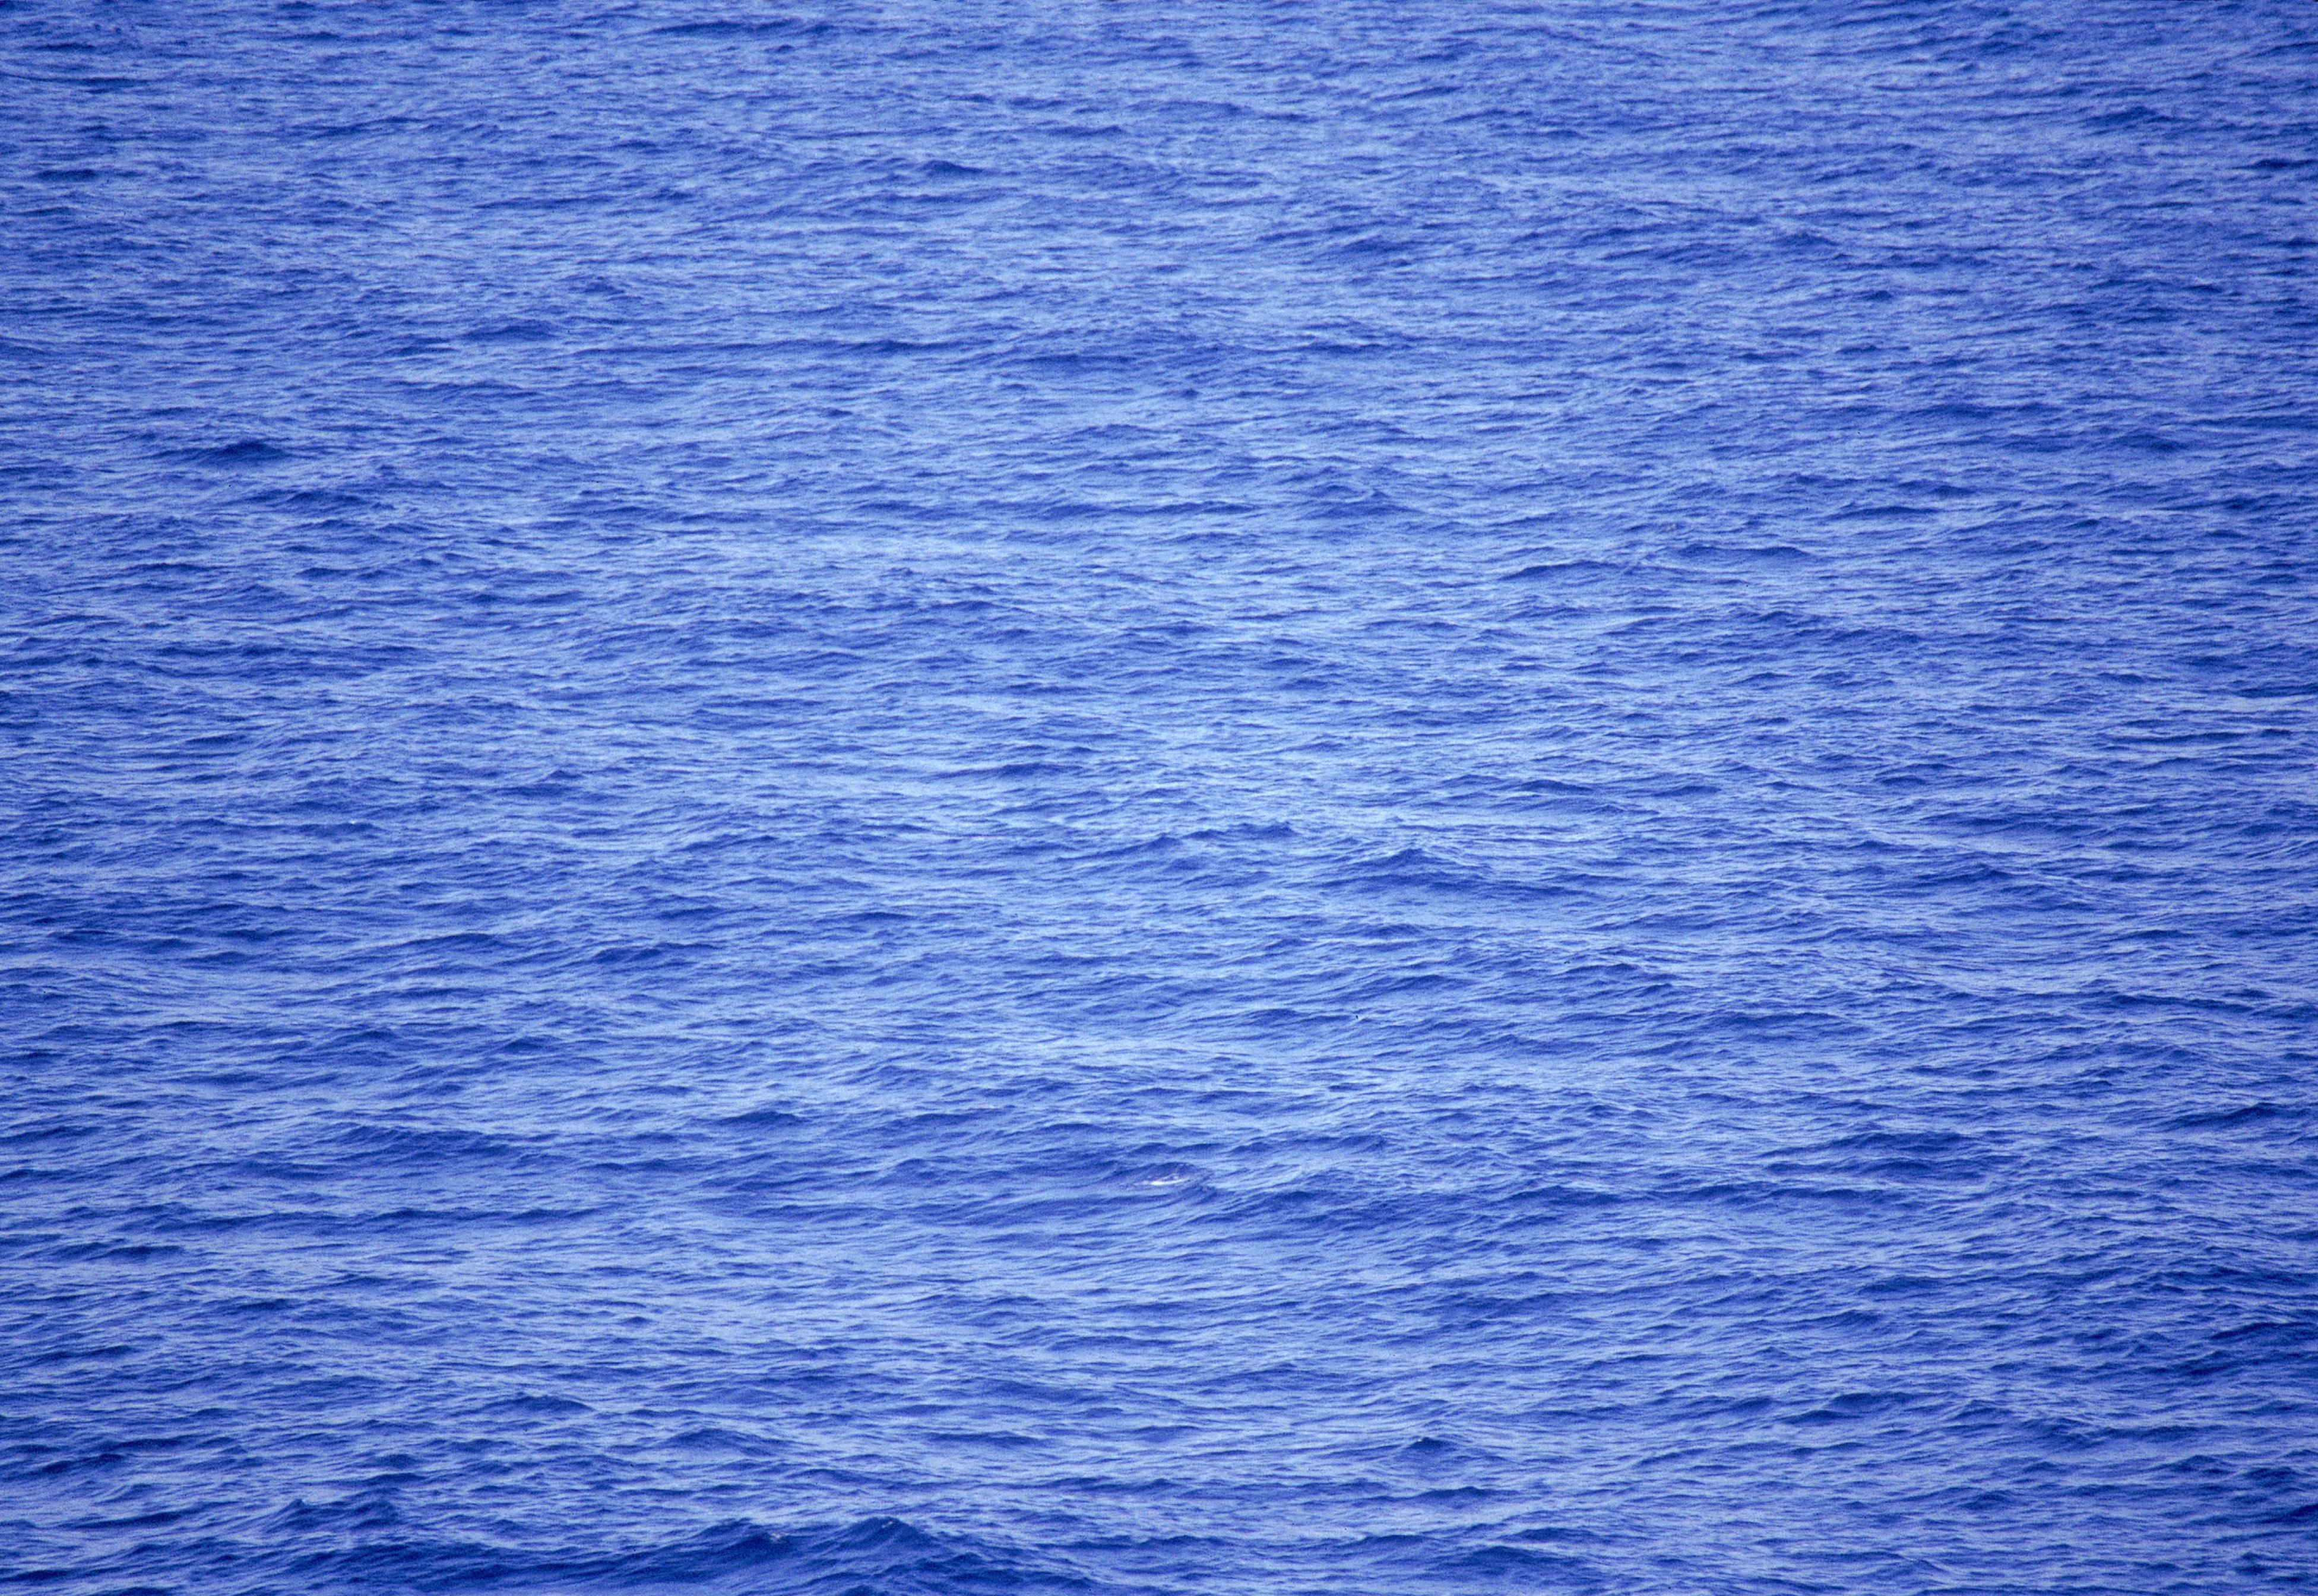 Как в фотошопе сделать синее море